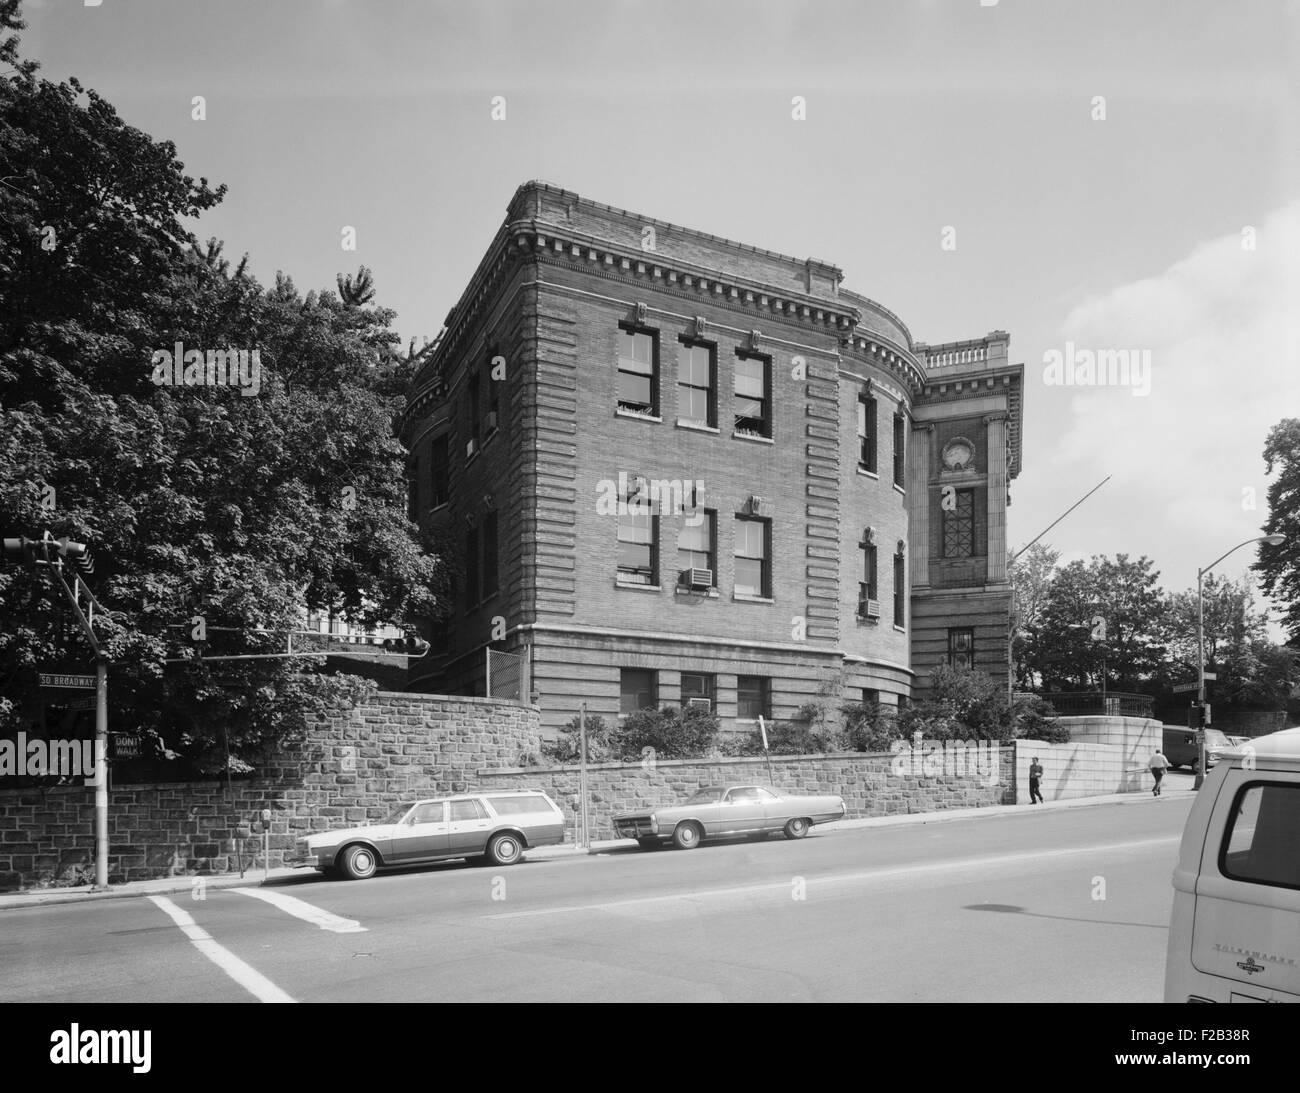 Yonkers Public Library, ca. 1980. Ala noroeste. Nepperhan Avenue & South Broadway. El condado de Westchester, Imagen De Stock